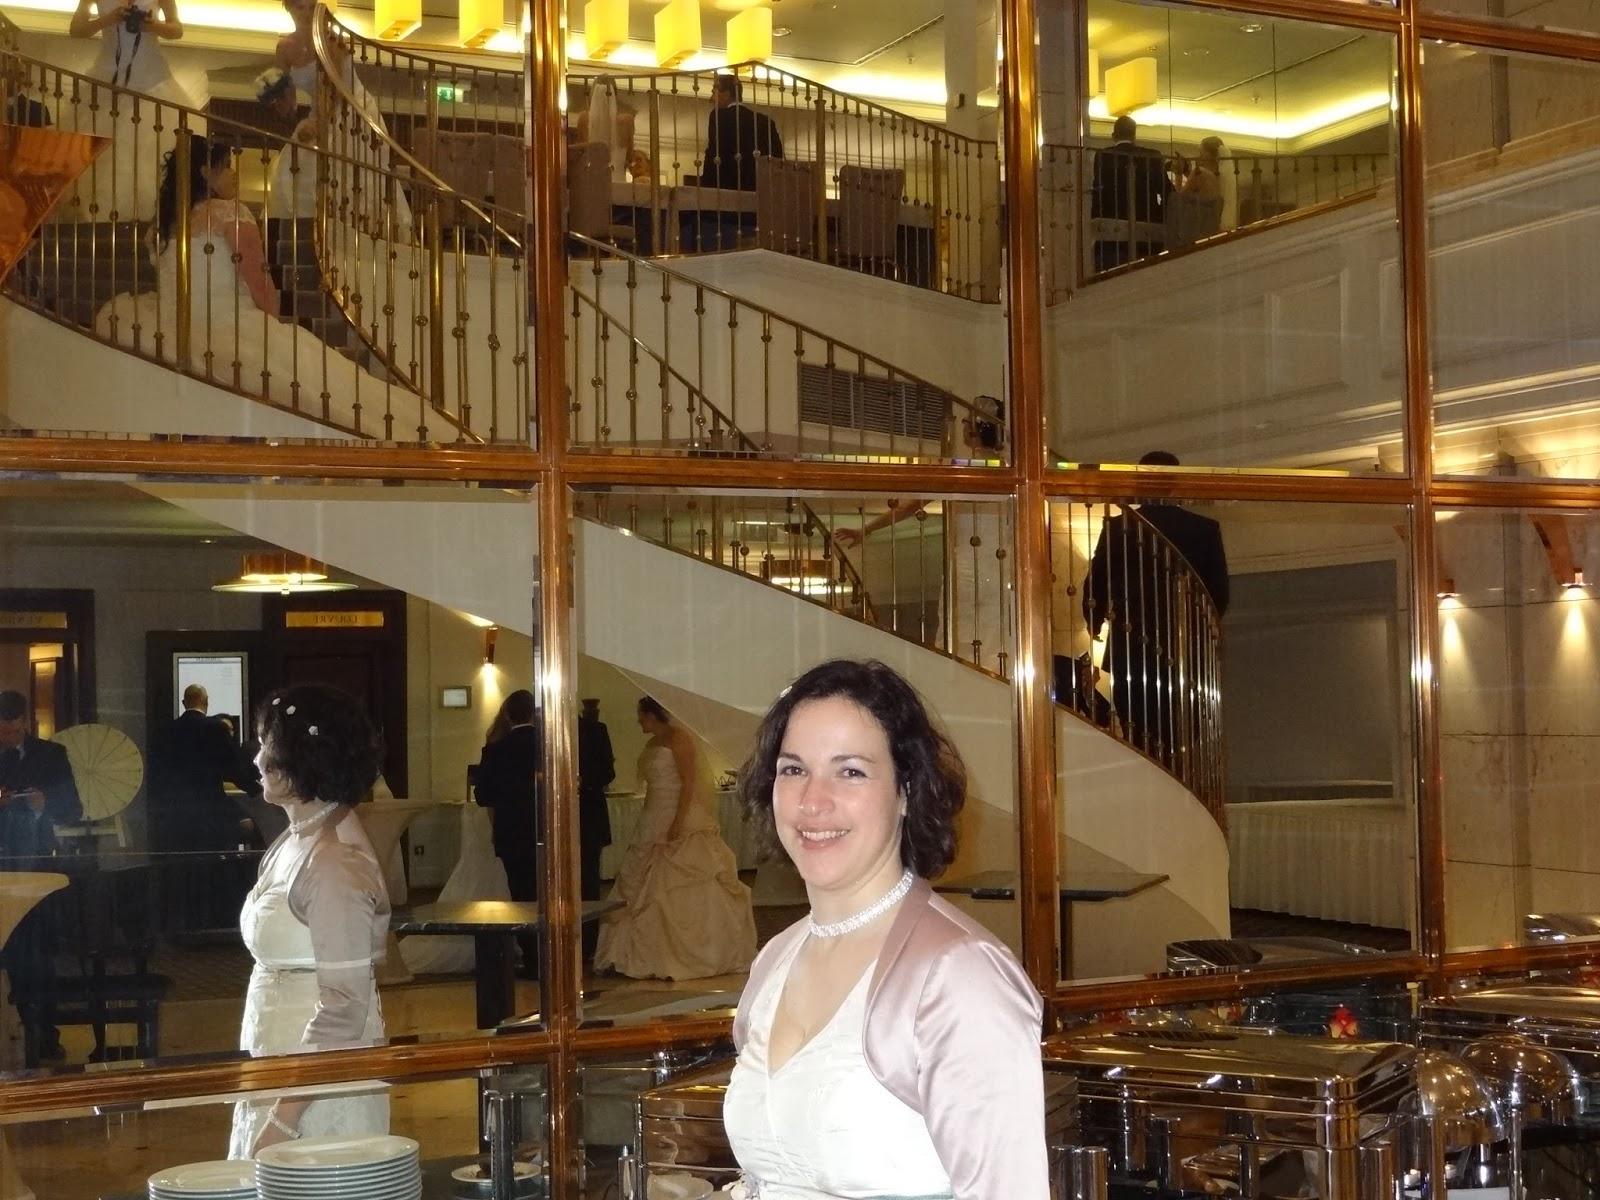 Hochzeitsspecial Gastbeitrag Tanja Brautkleiderbälle2